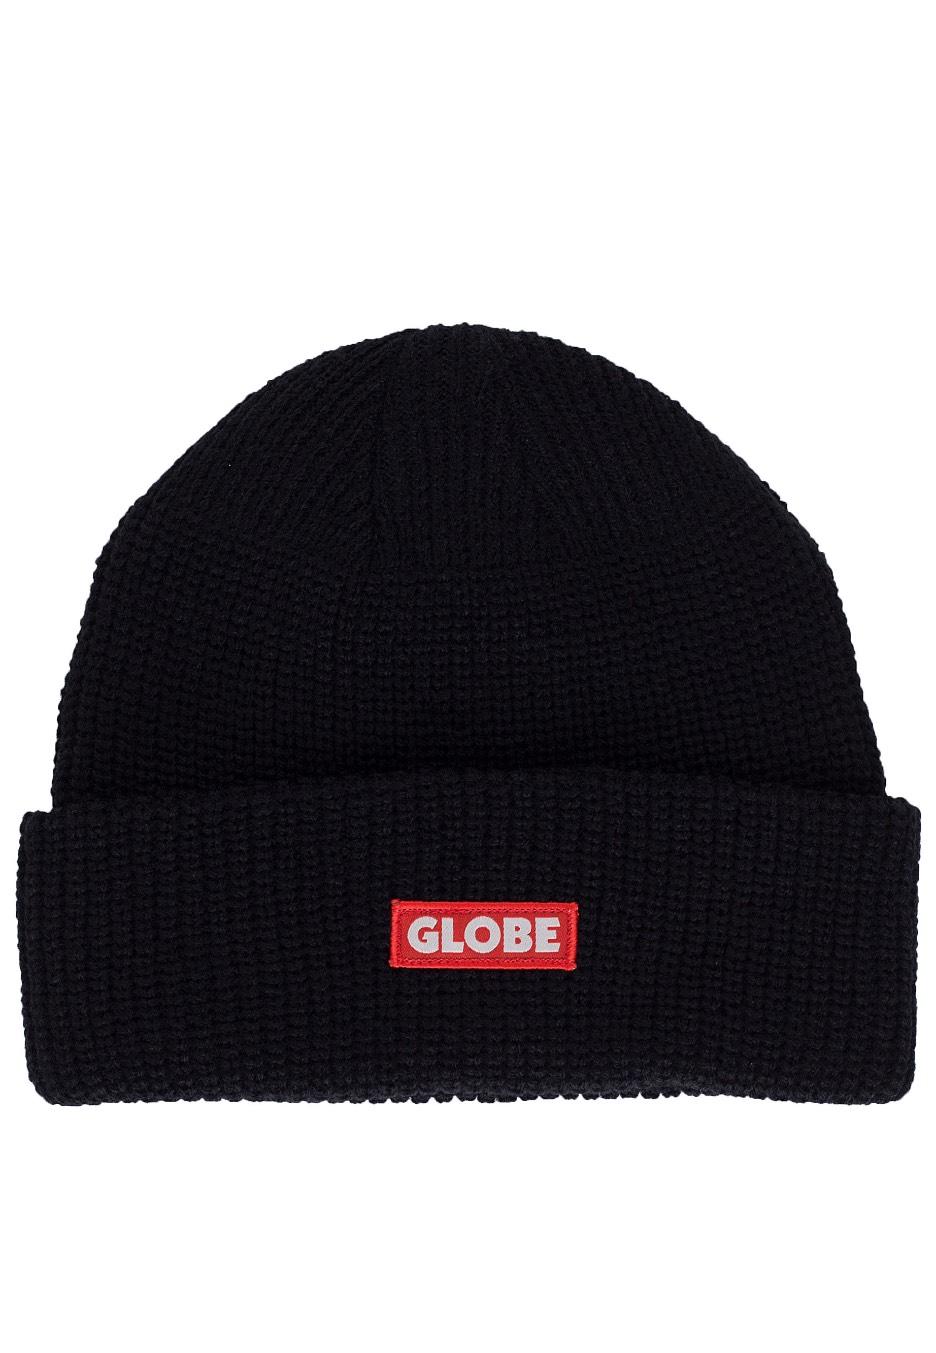 e83a9dc5d79 Globe - Bar Black - Beanie - Streetwear Shop - Impericon.com AU